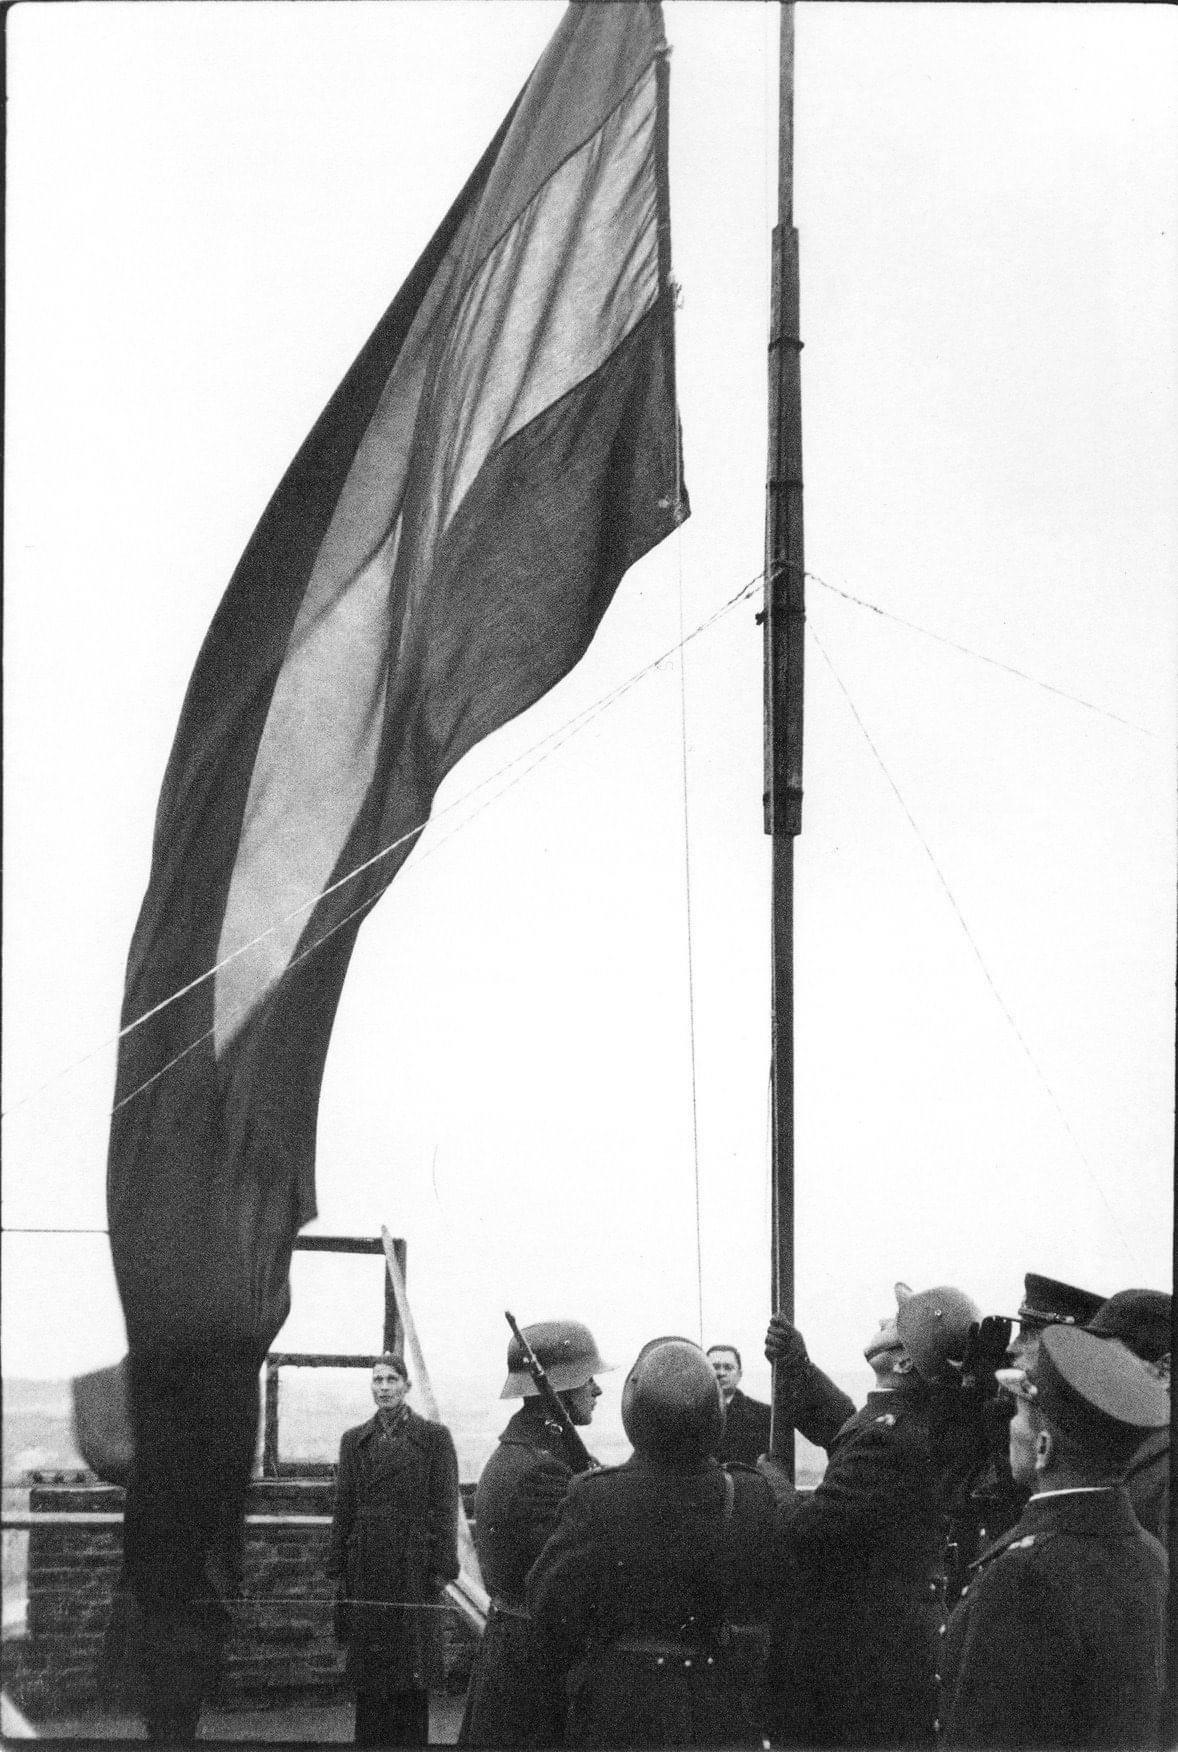 Lietuviškos trispalvės vėliavos iškėlimo iškilmės. 1939 m. spalio 29 d.   Archyvinė nuotr.